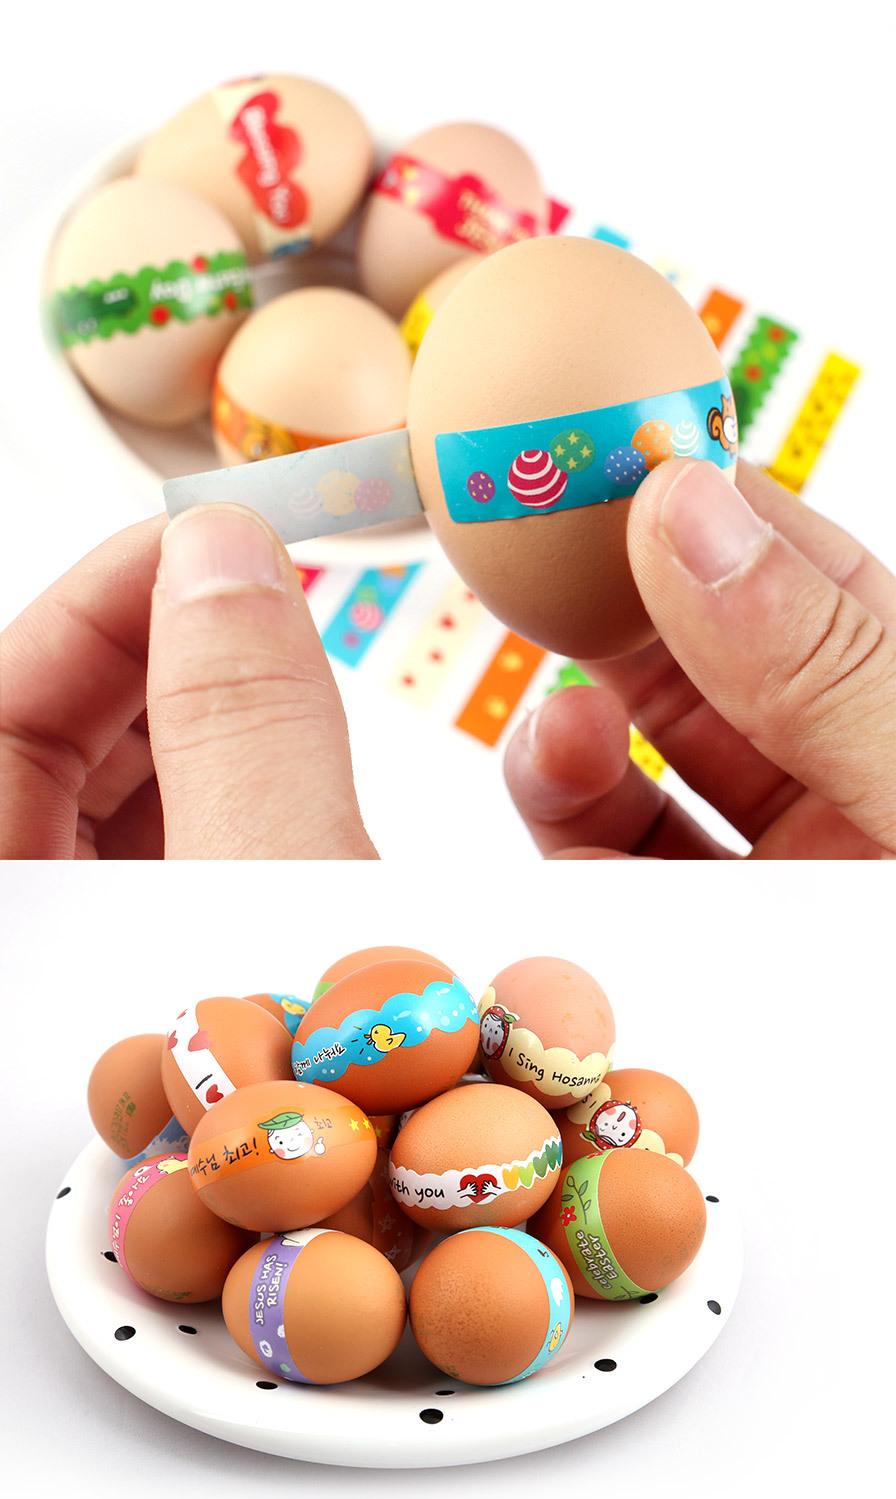 교회 부활절 달걀꾸미기 띠지스티커로 달걀 둘레를 붙여 주면 됩니다.